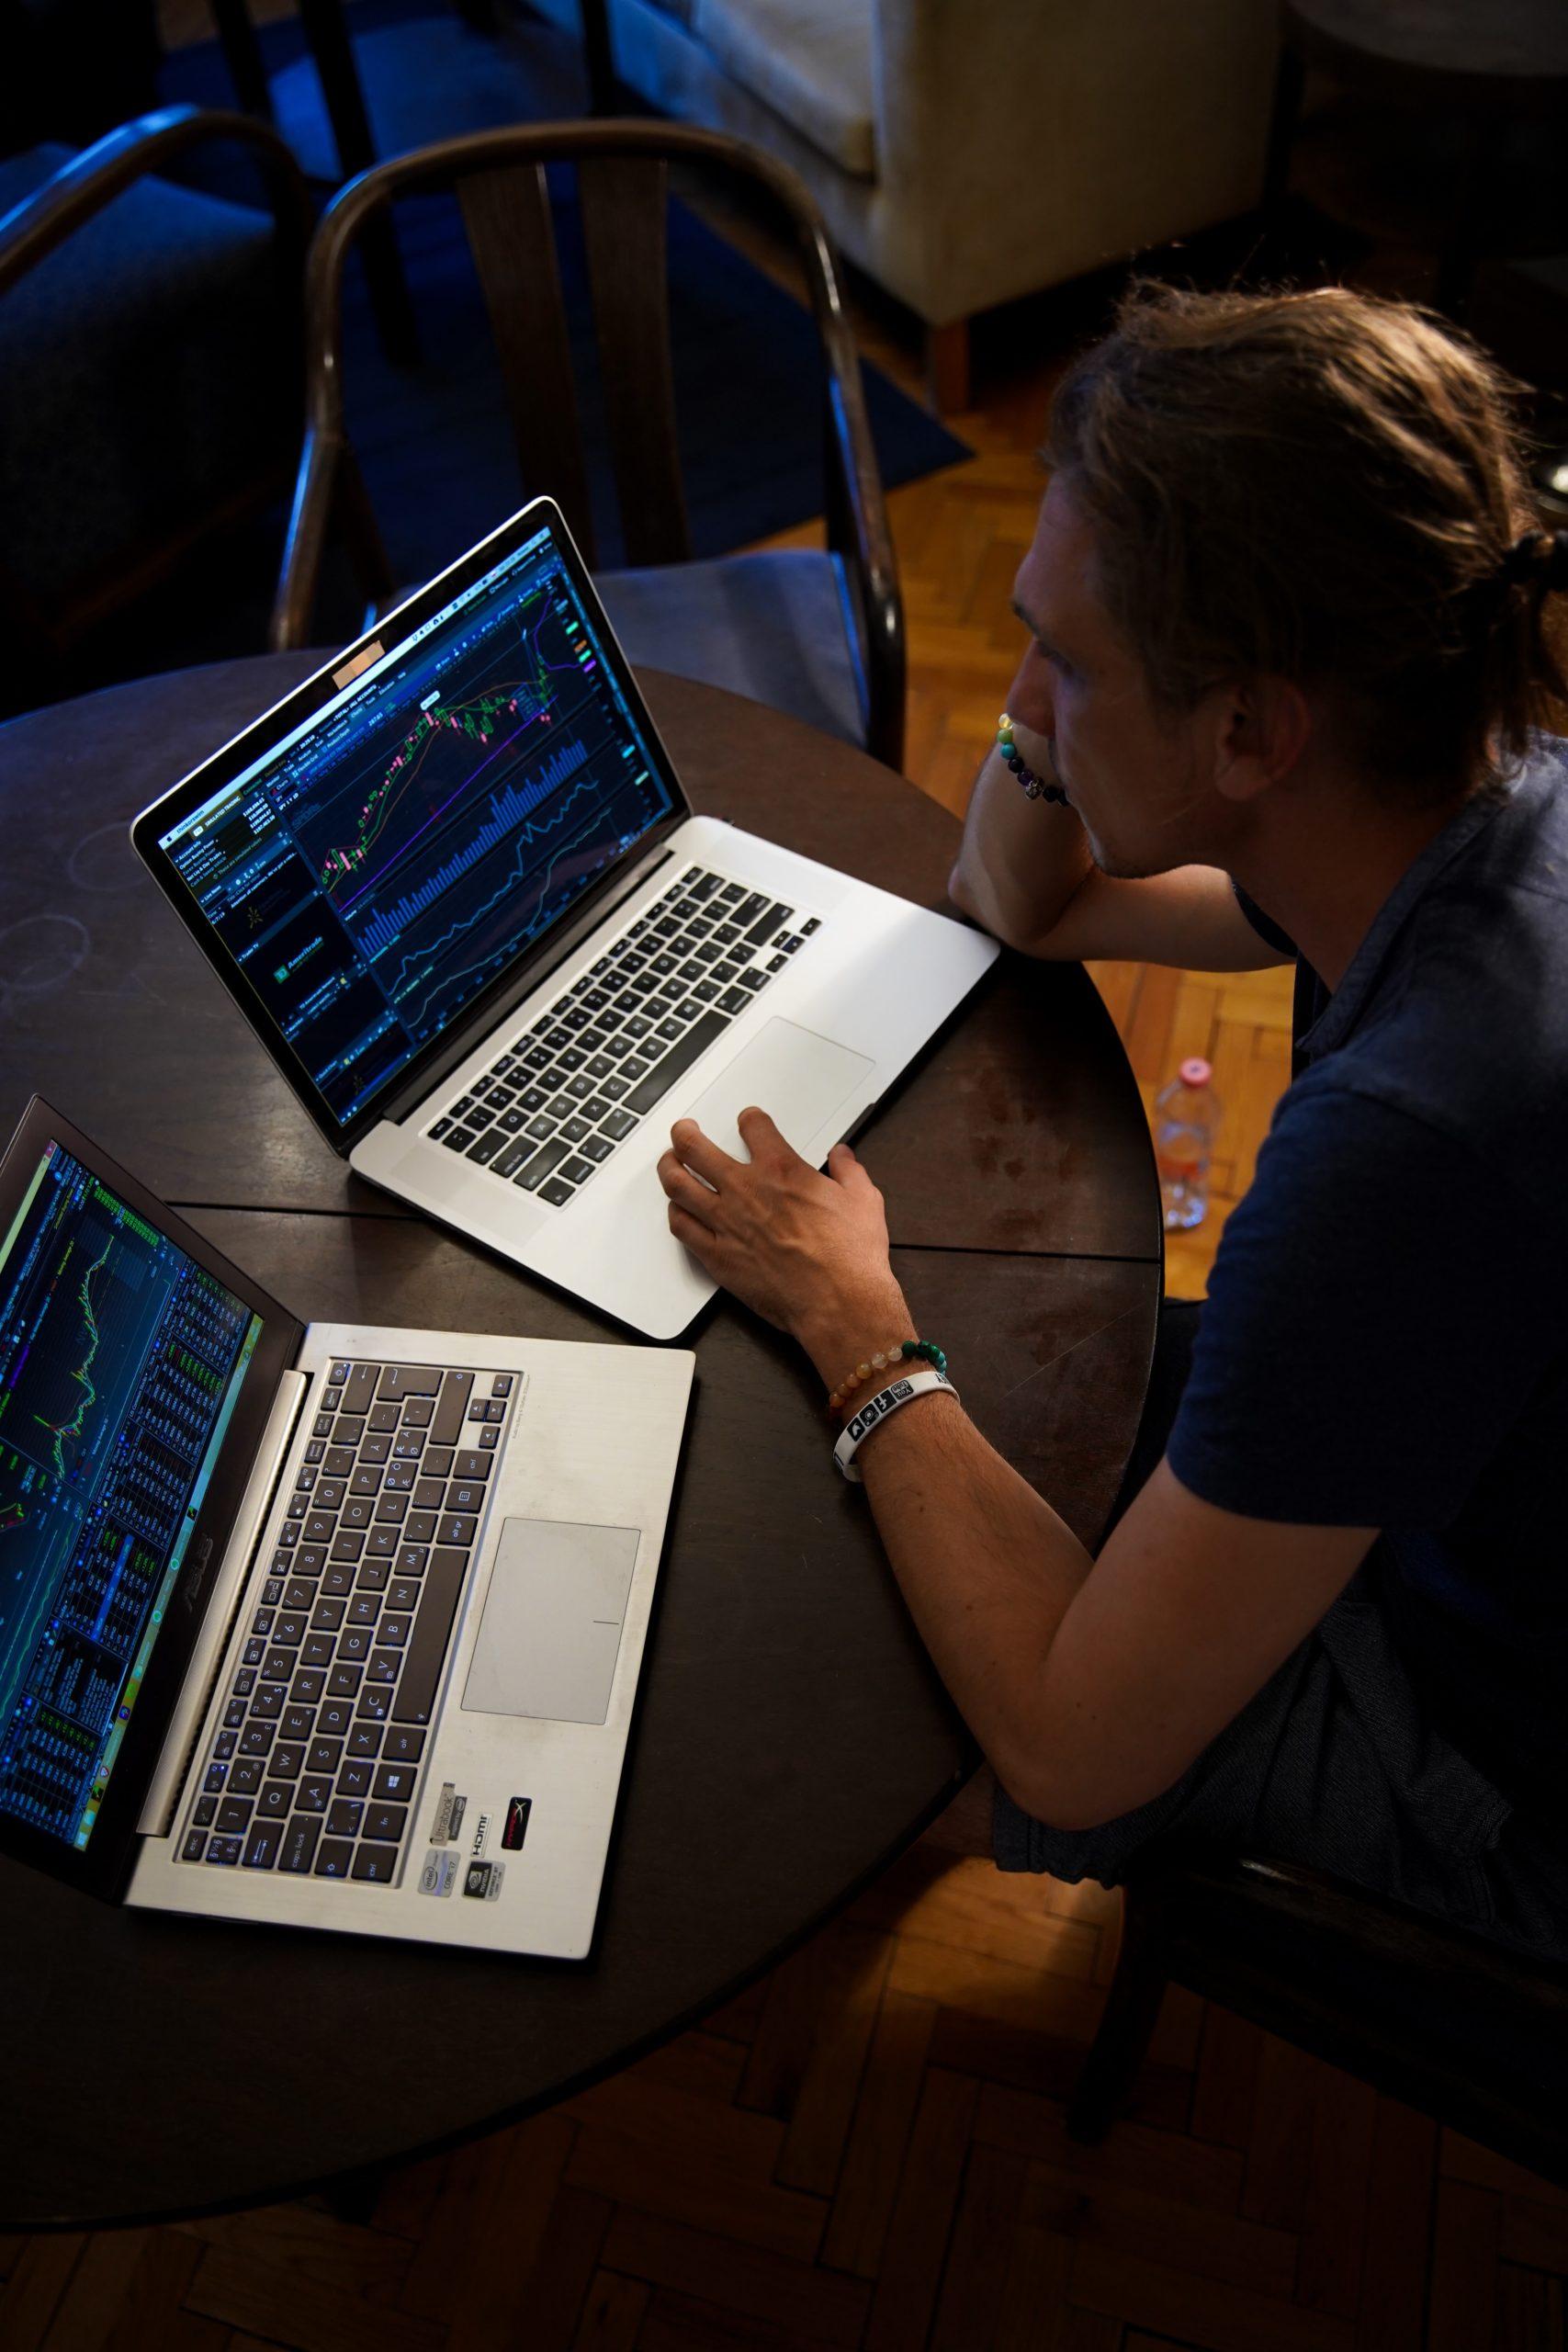 Handel na giełdzie za pomocą laptopa